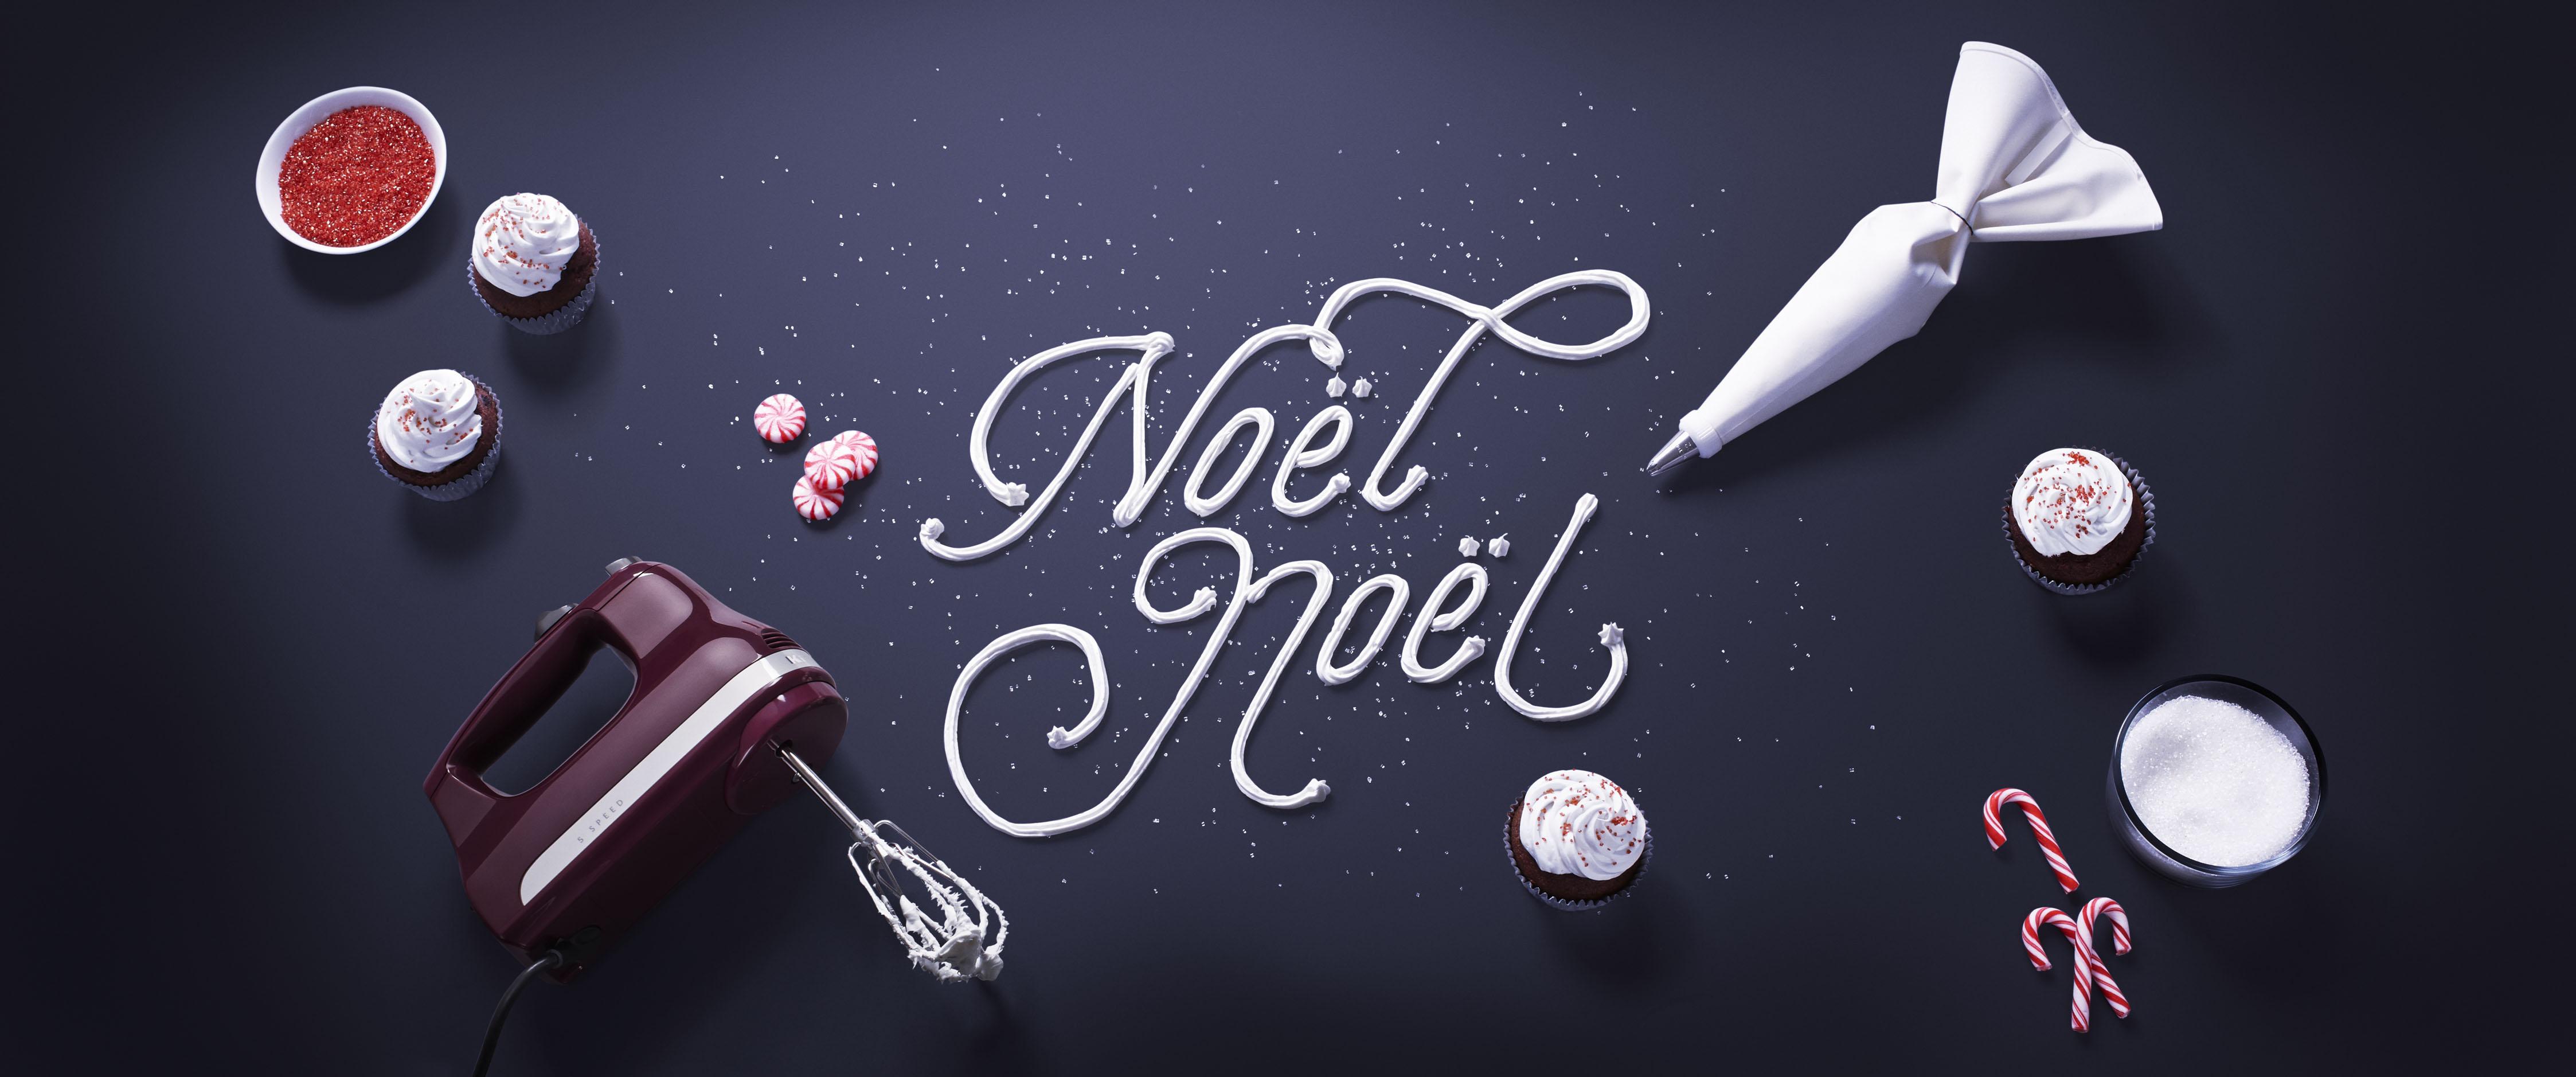 NoelNoel_Type